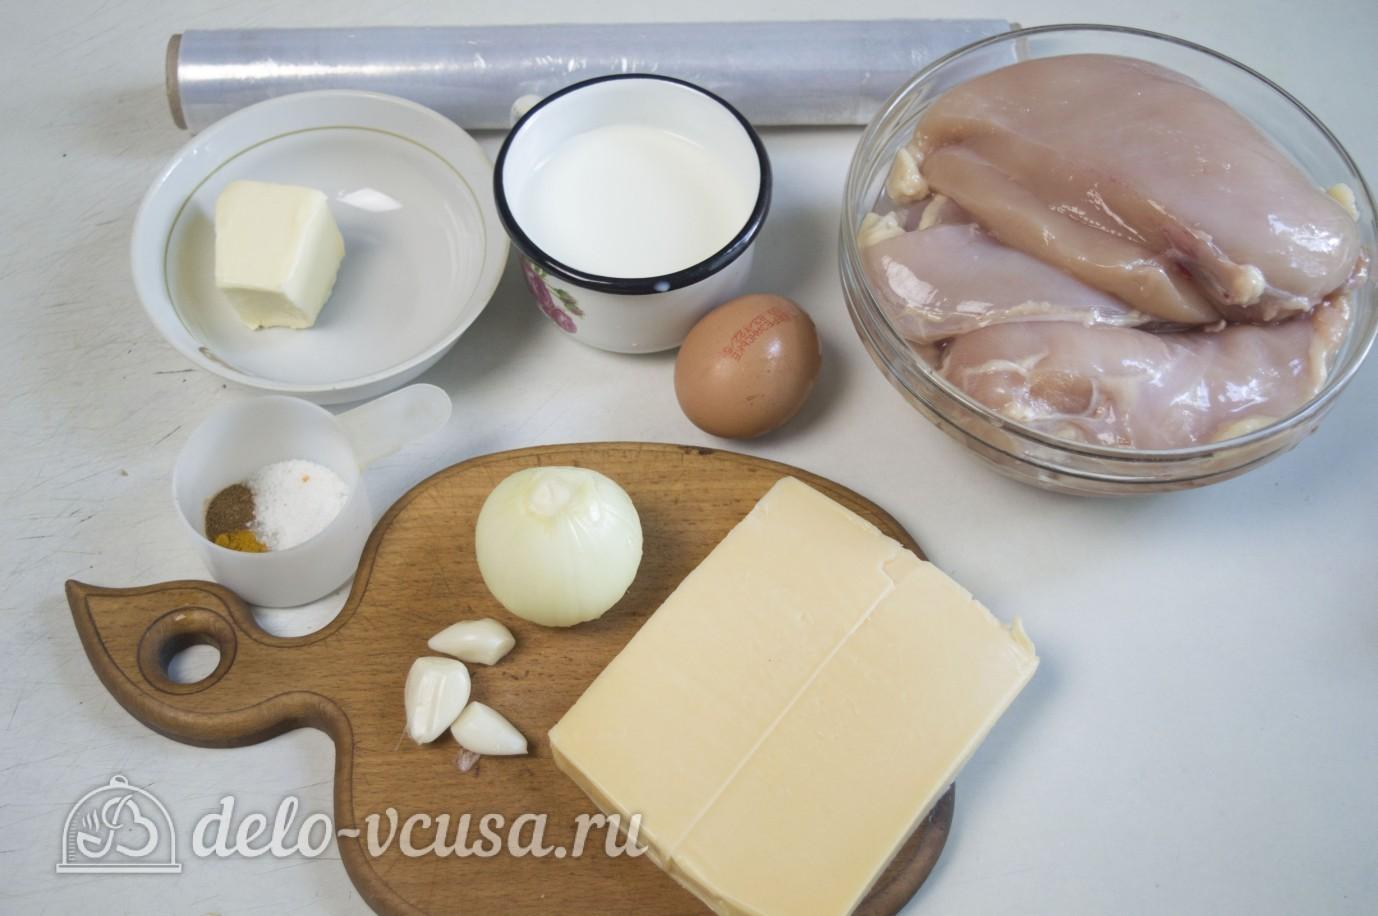 Сосиски куриные с сыром: Ингредиенты